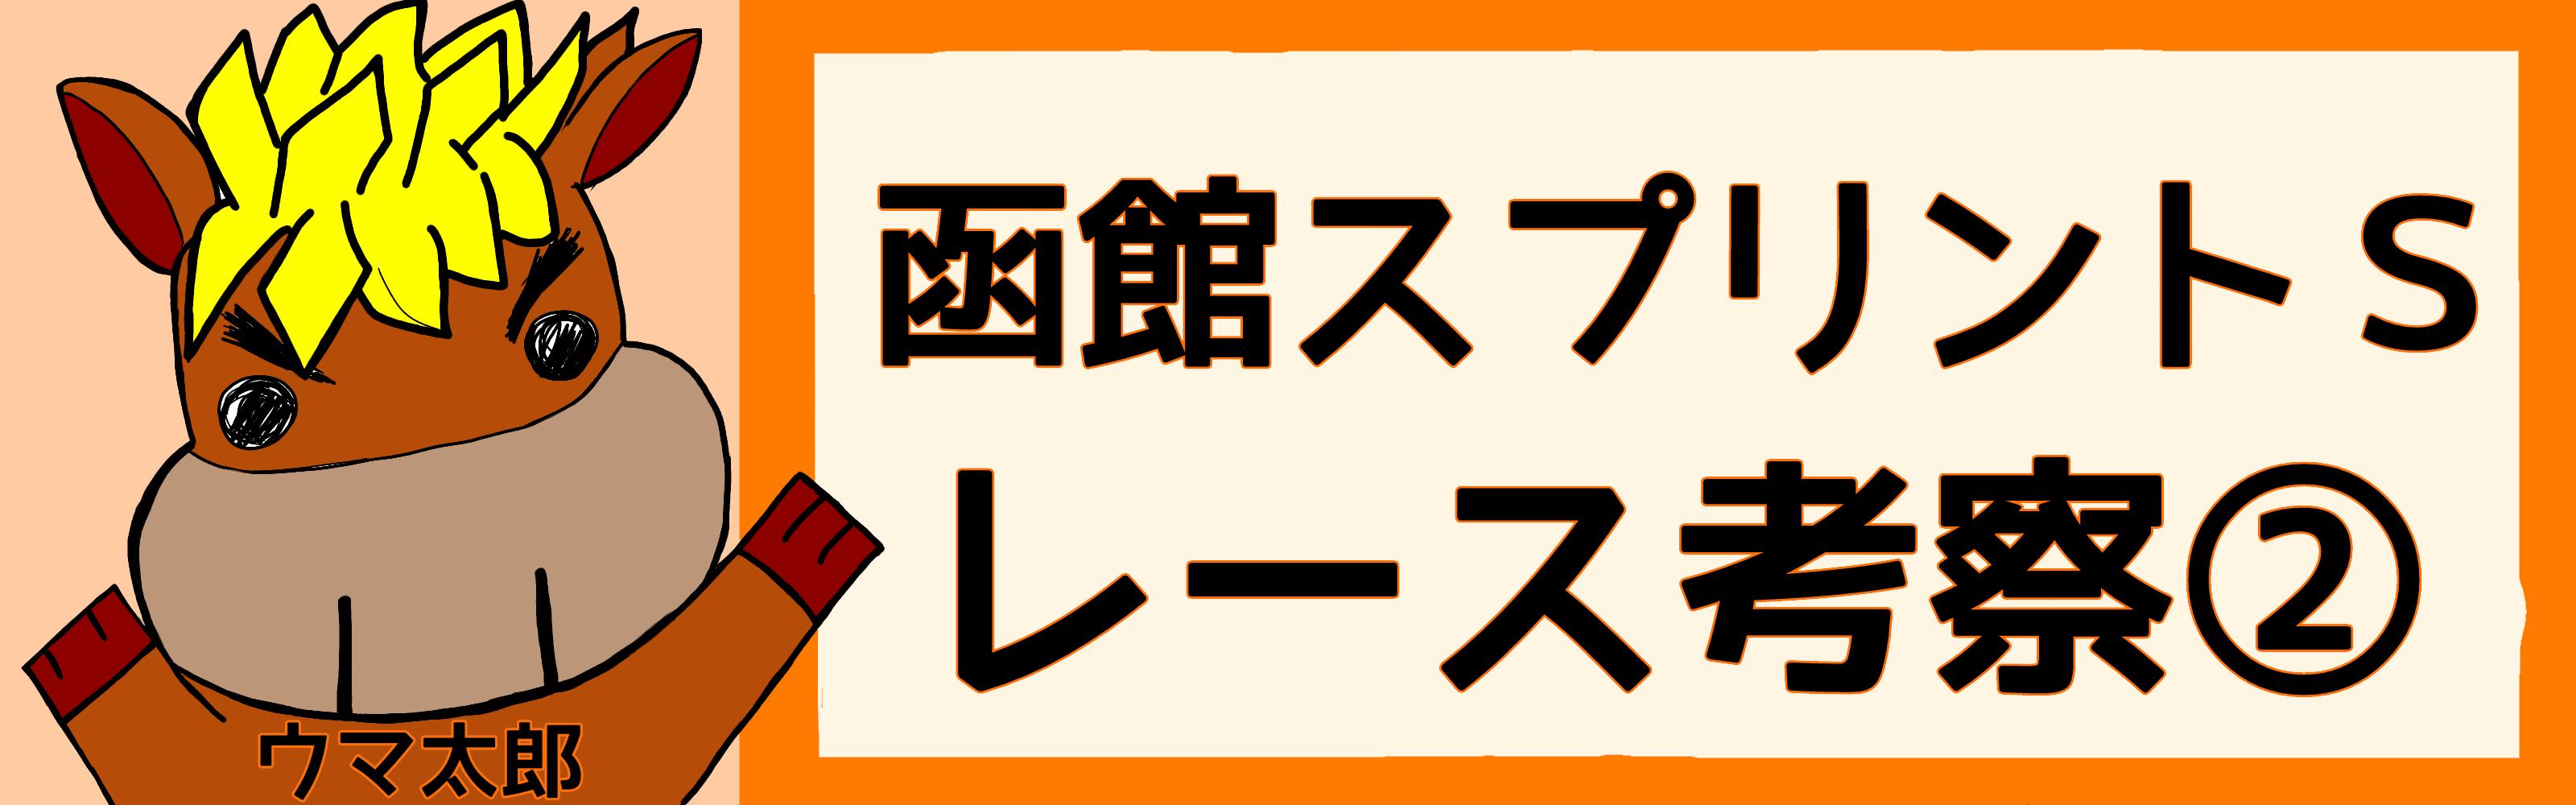 函館スプリントS考察②